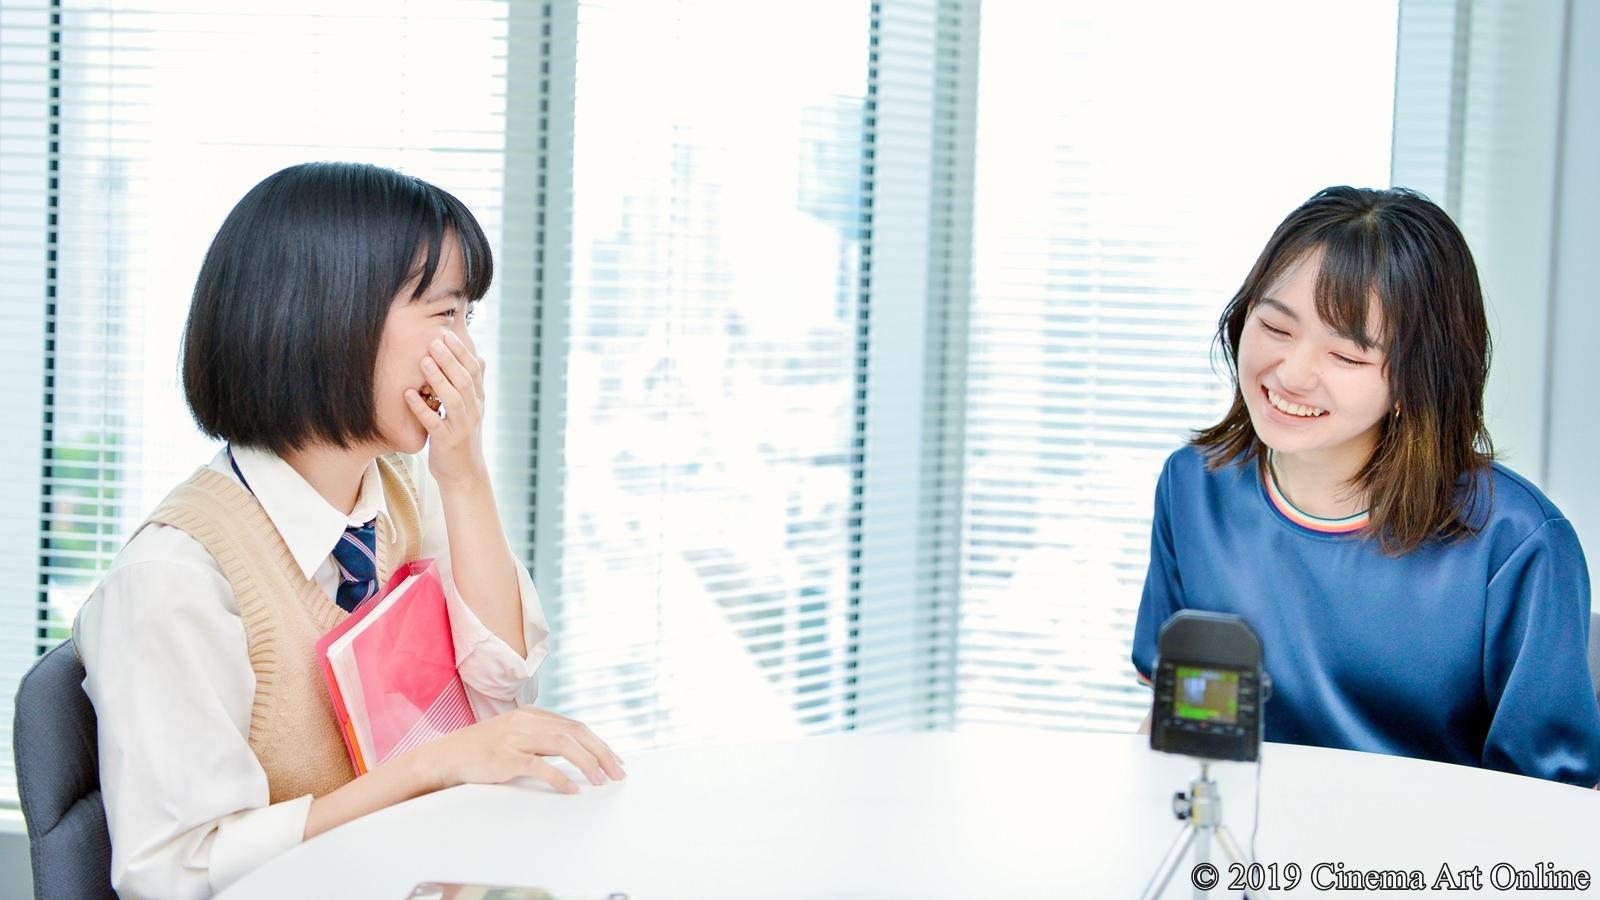 【写真】映画『五億円のじんせい』山田杏奈インタビュー